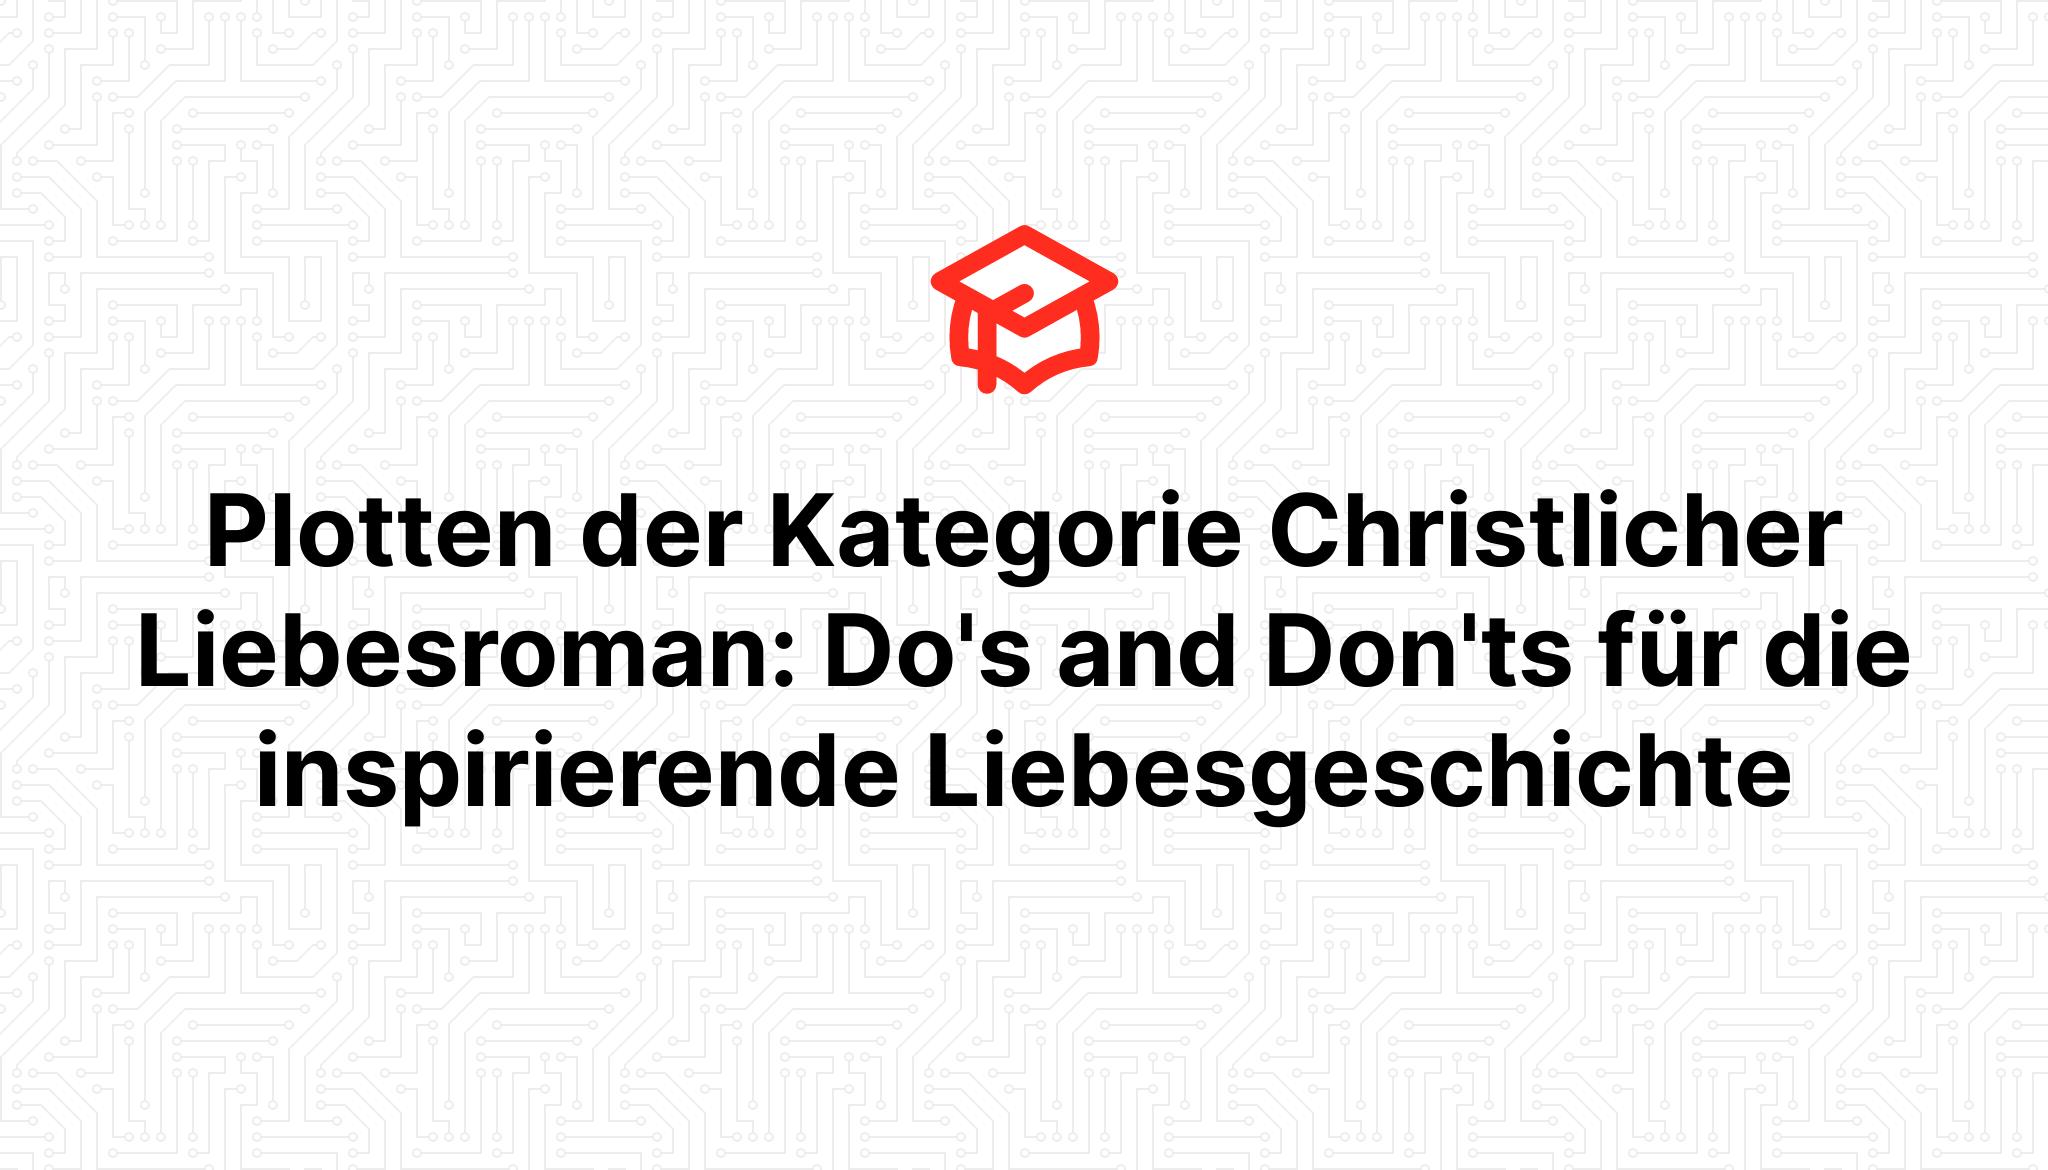 Plotten der Kategorie Christlicher Liebesroman: Do's and Don'ts für die inspirierende Liebesgeschichte